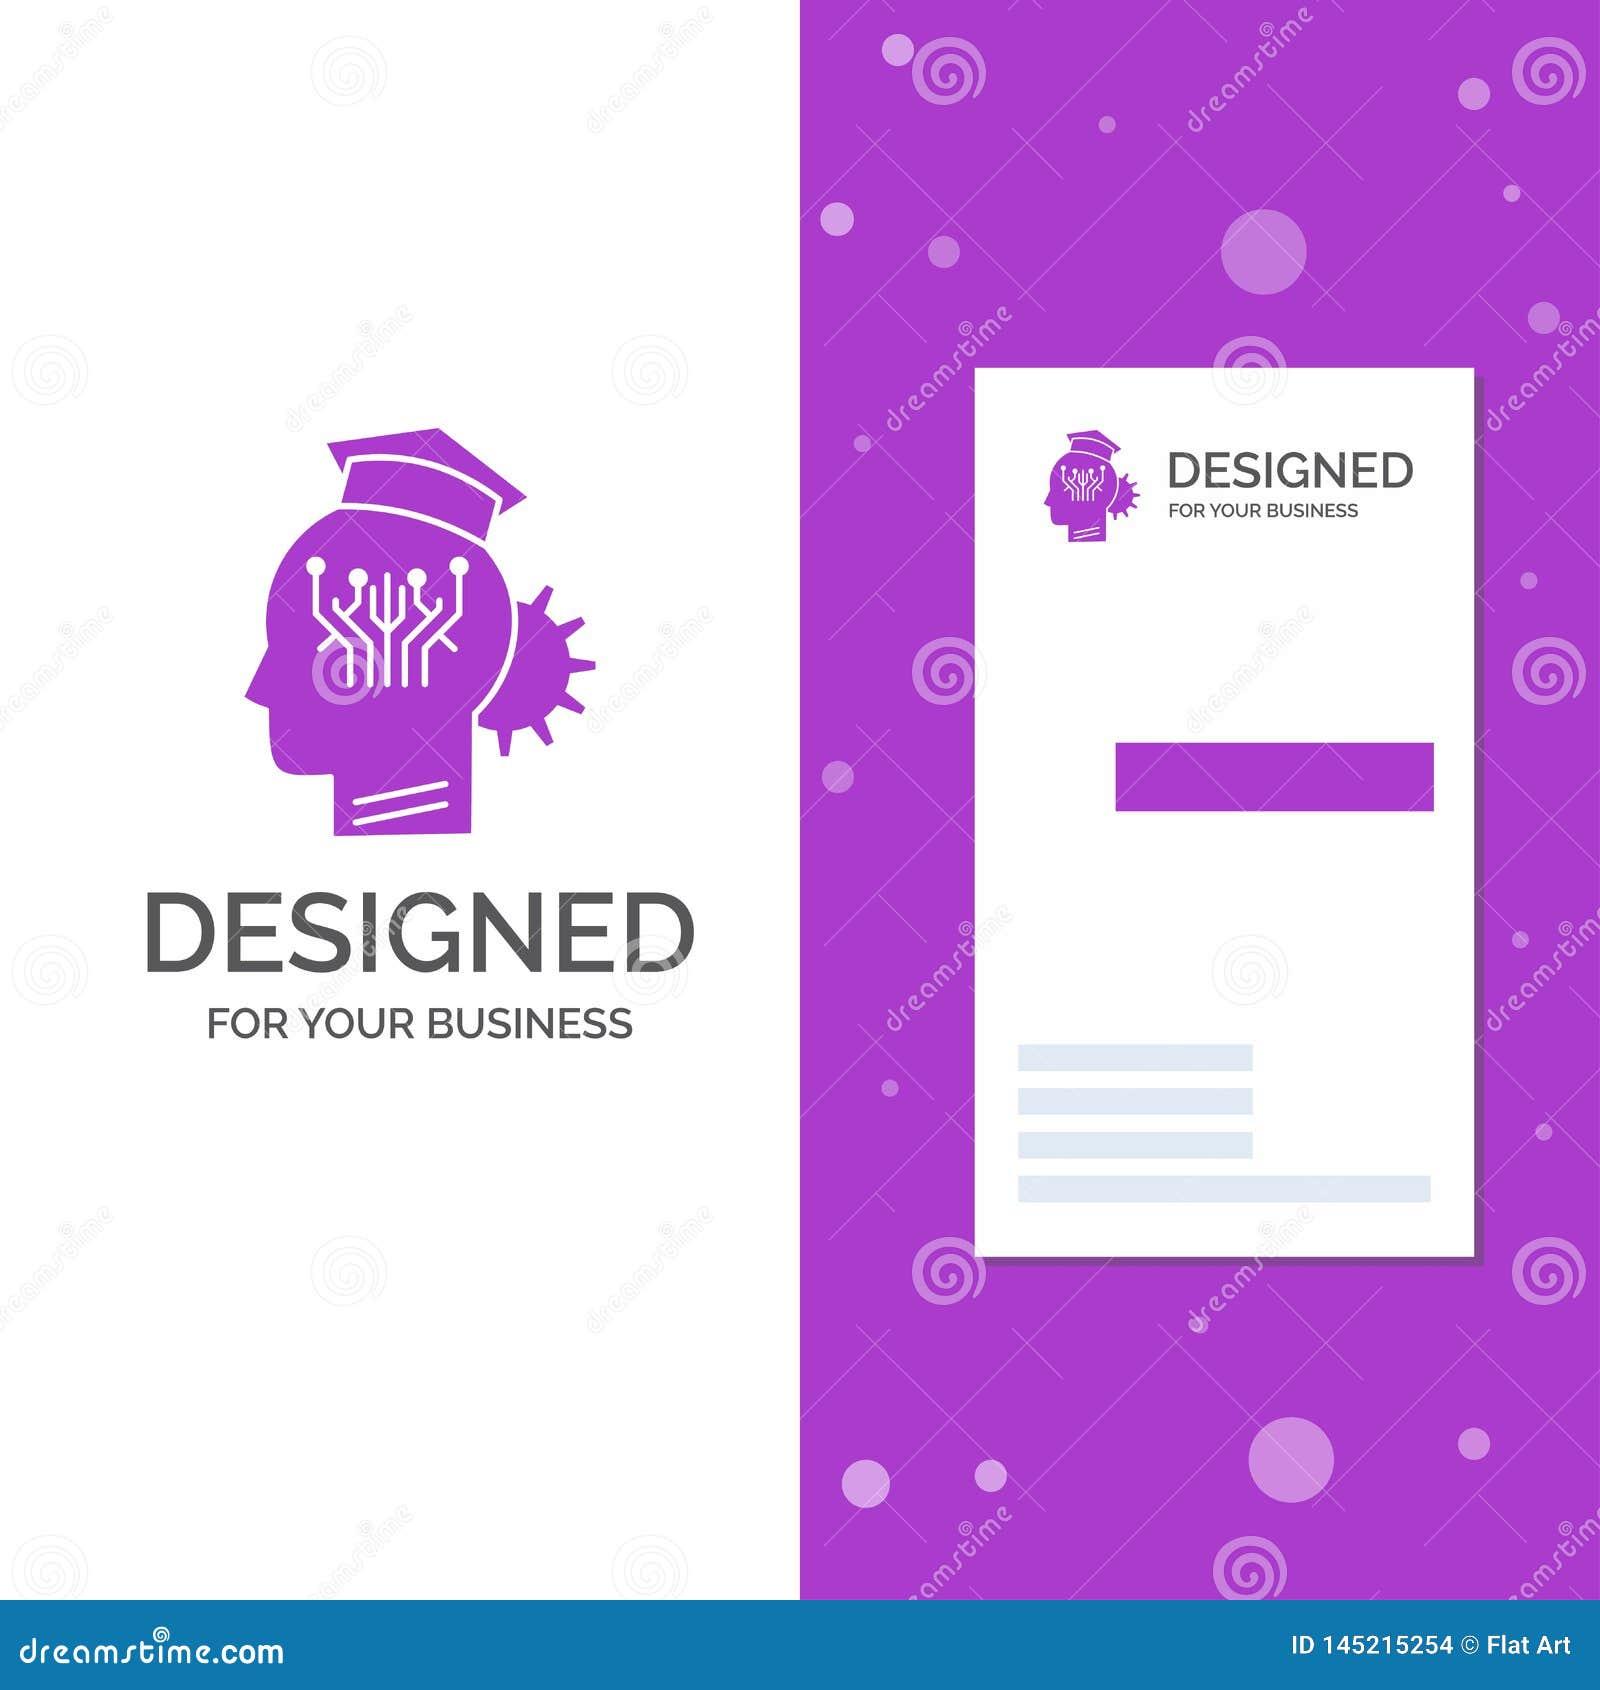 Gesch?fts-Logo f?r Wissen, Management, Teilen, intelligent, Technologie Vertikale purpurrote Gesch?fts-/Visitenkarteschablone kre